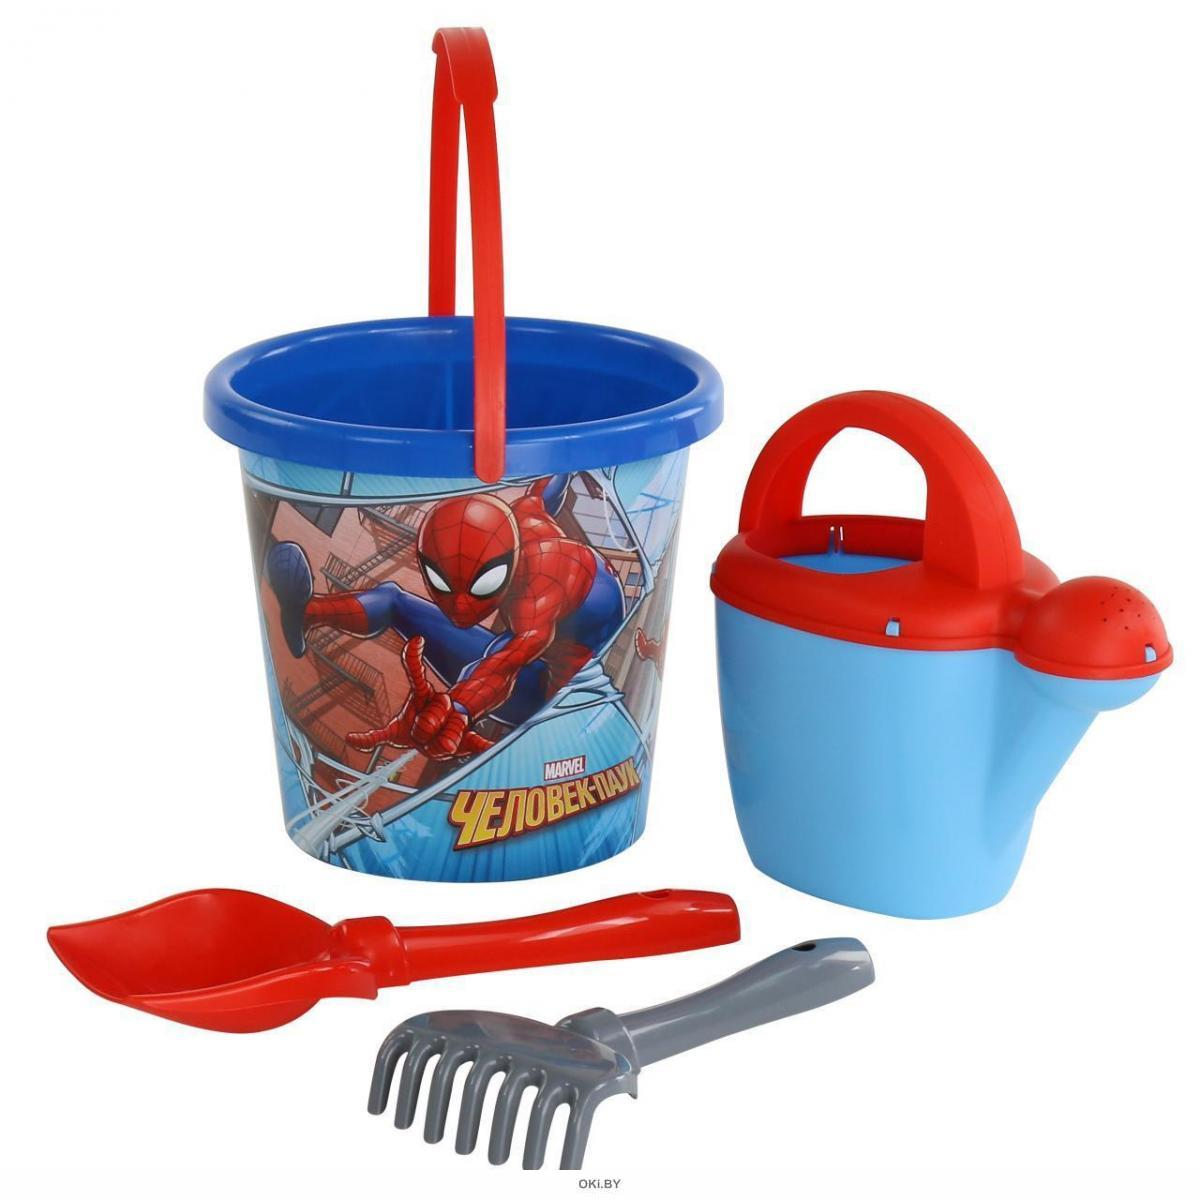 Набор Marvel «Человек-Паук» №9: ведро с наклейкой, лопатка №5, грабельки №5, лейка №10